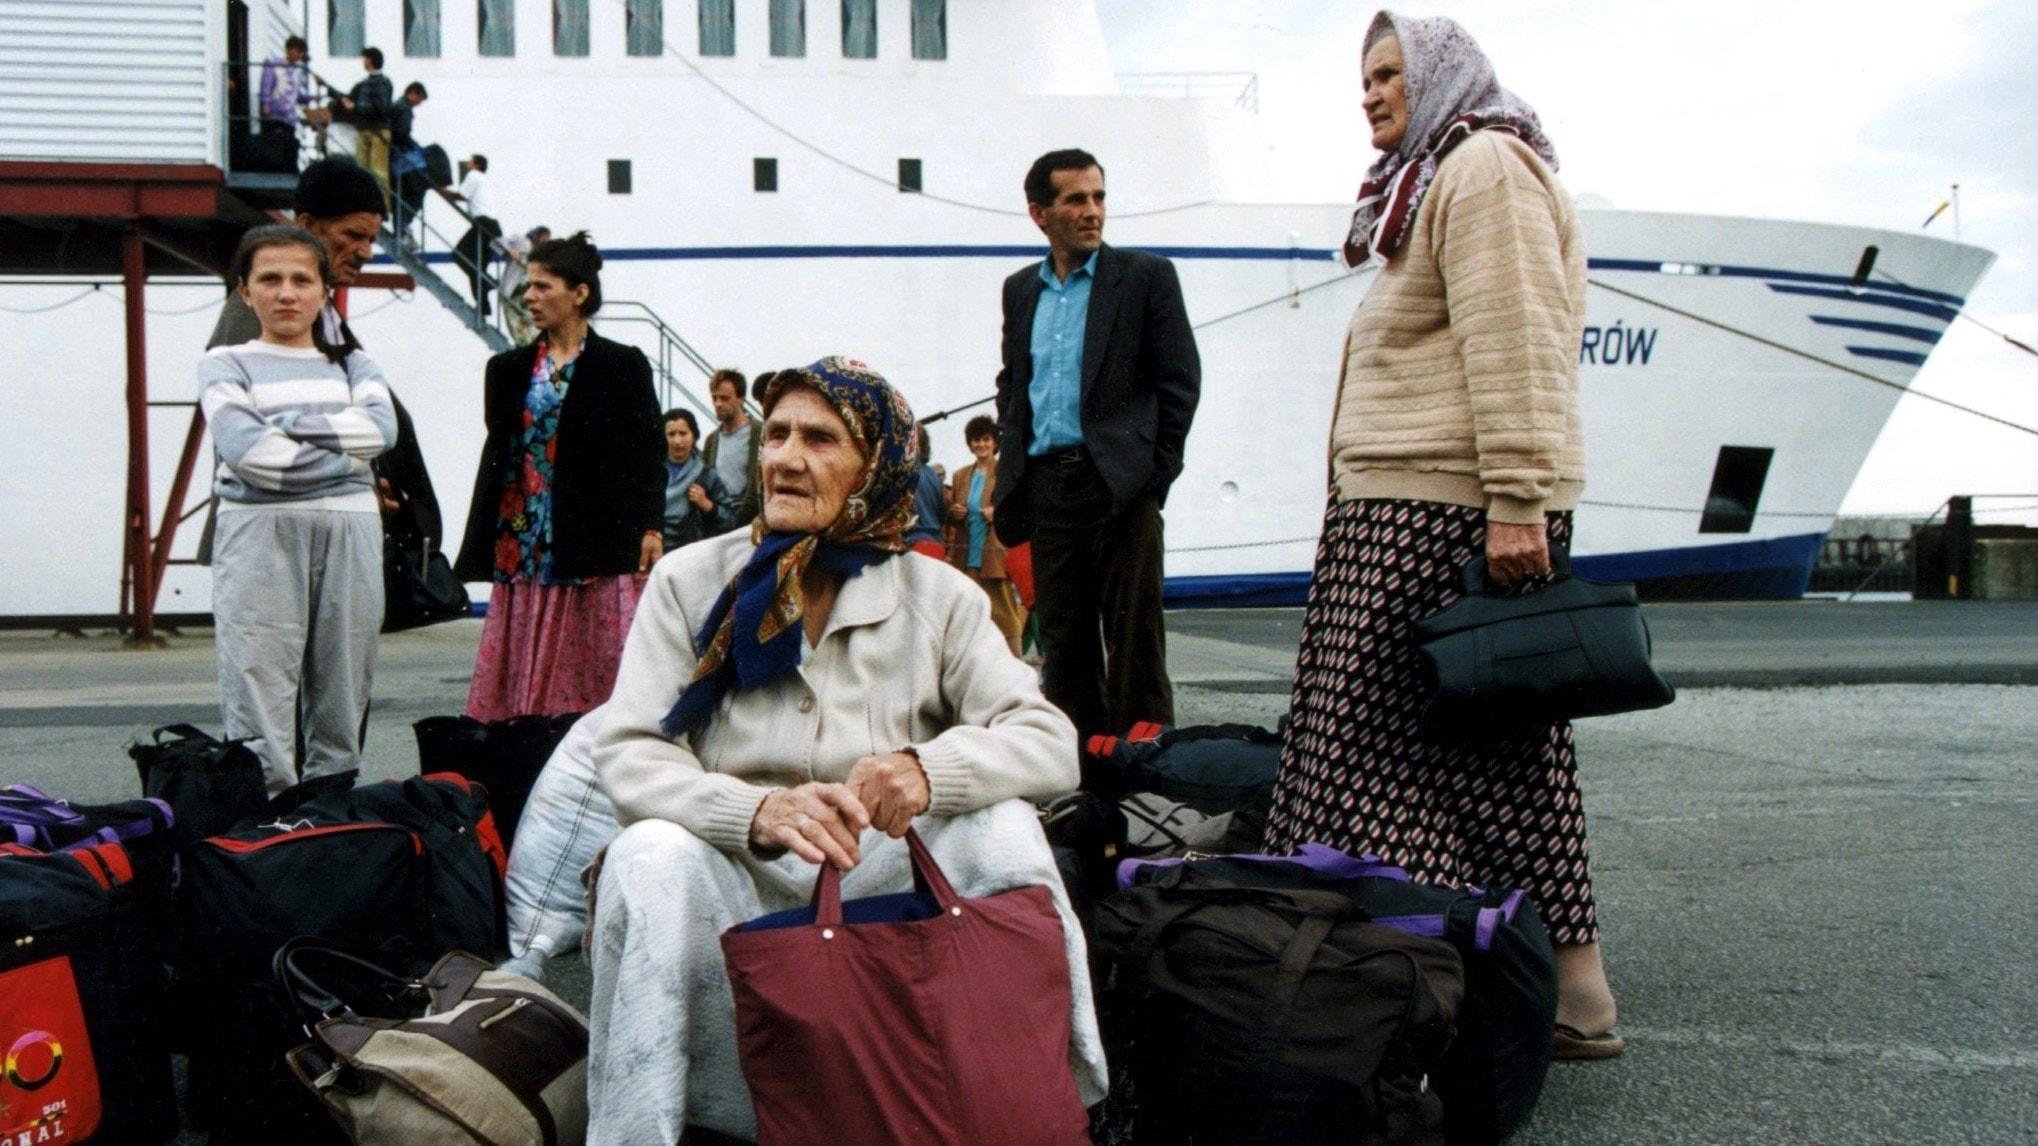 Flyktens konsekvenser - när bosnierna kom till Sverige